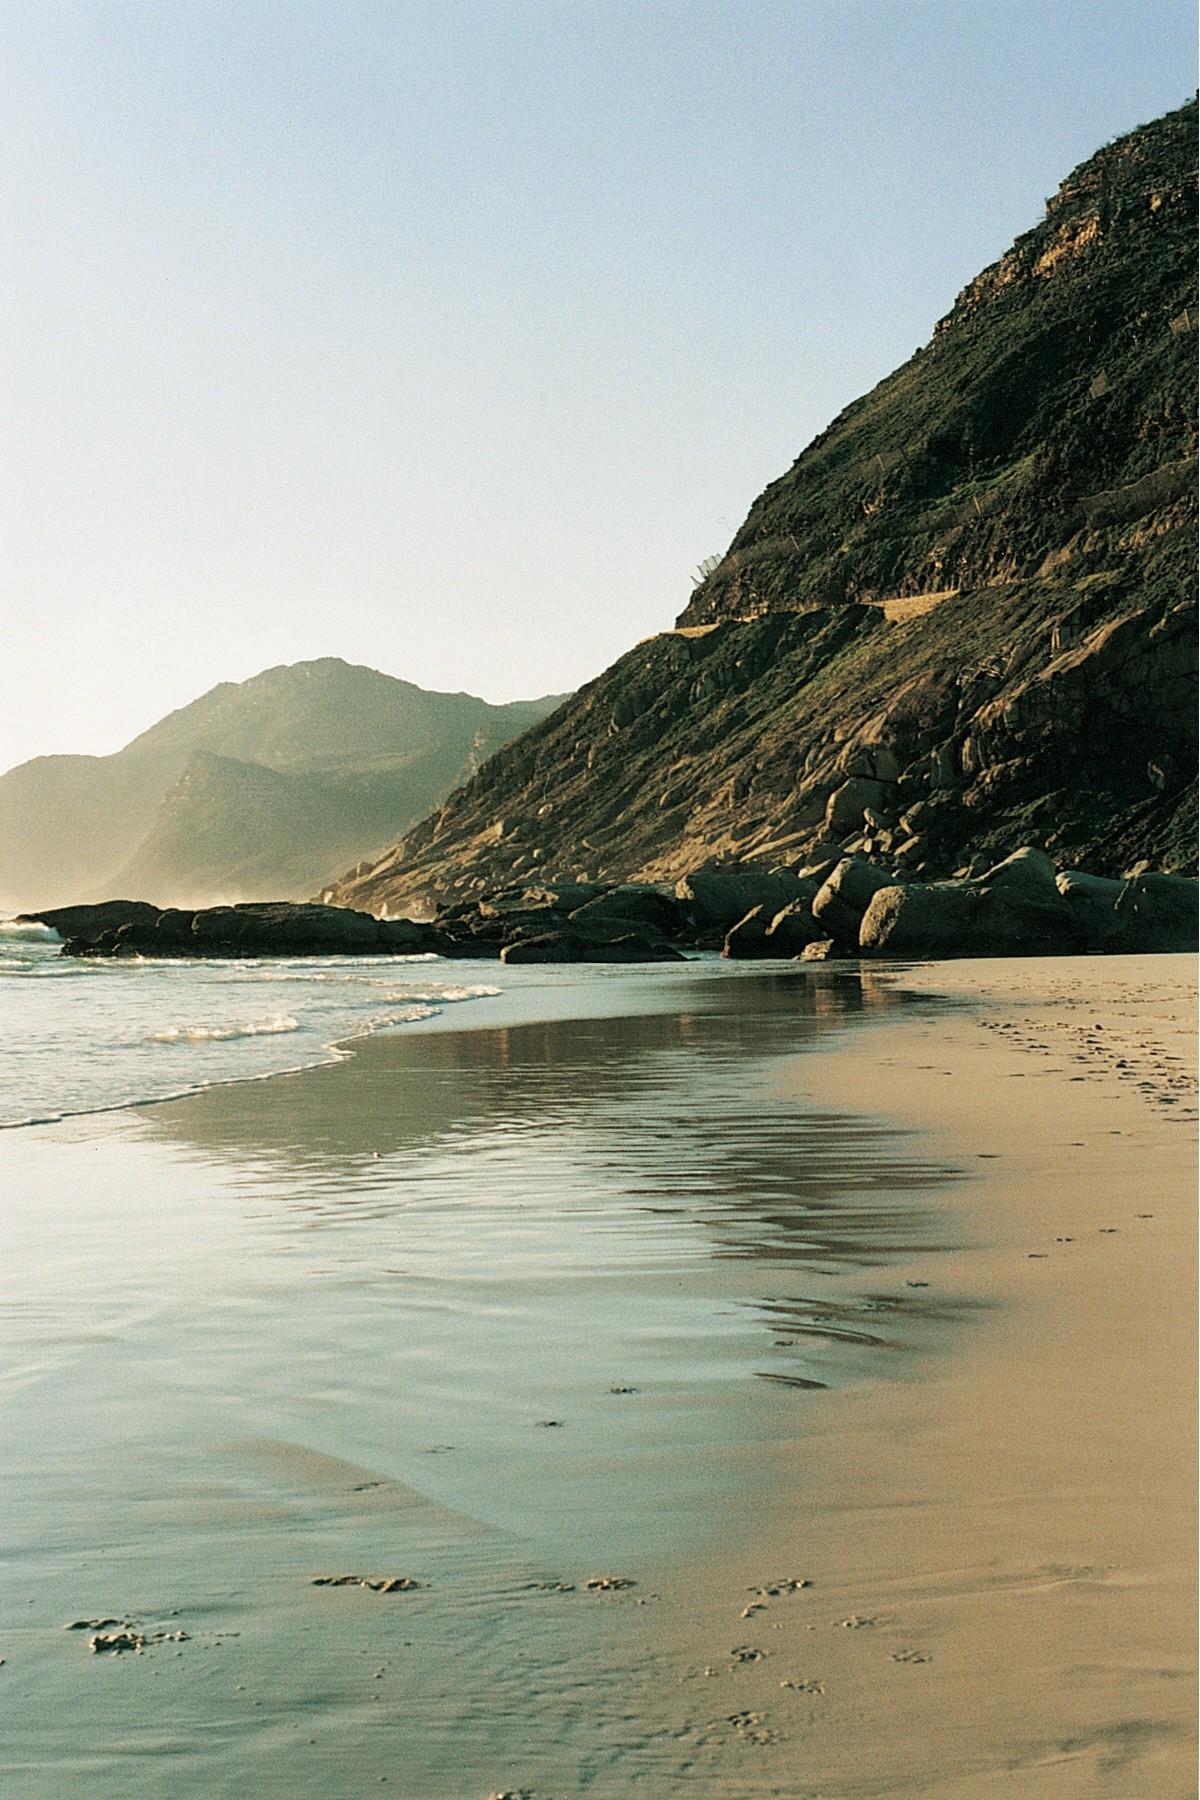 Noordhoek beach pic.jpg